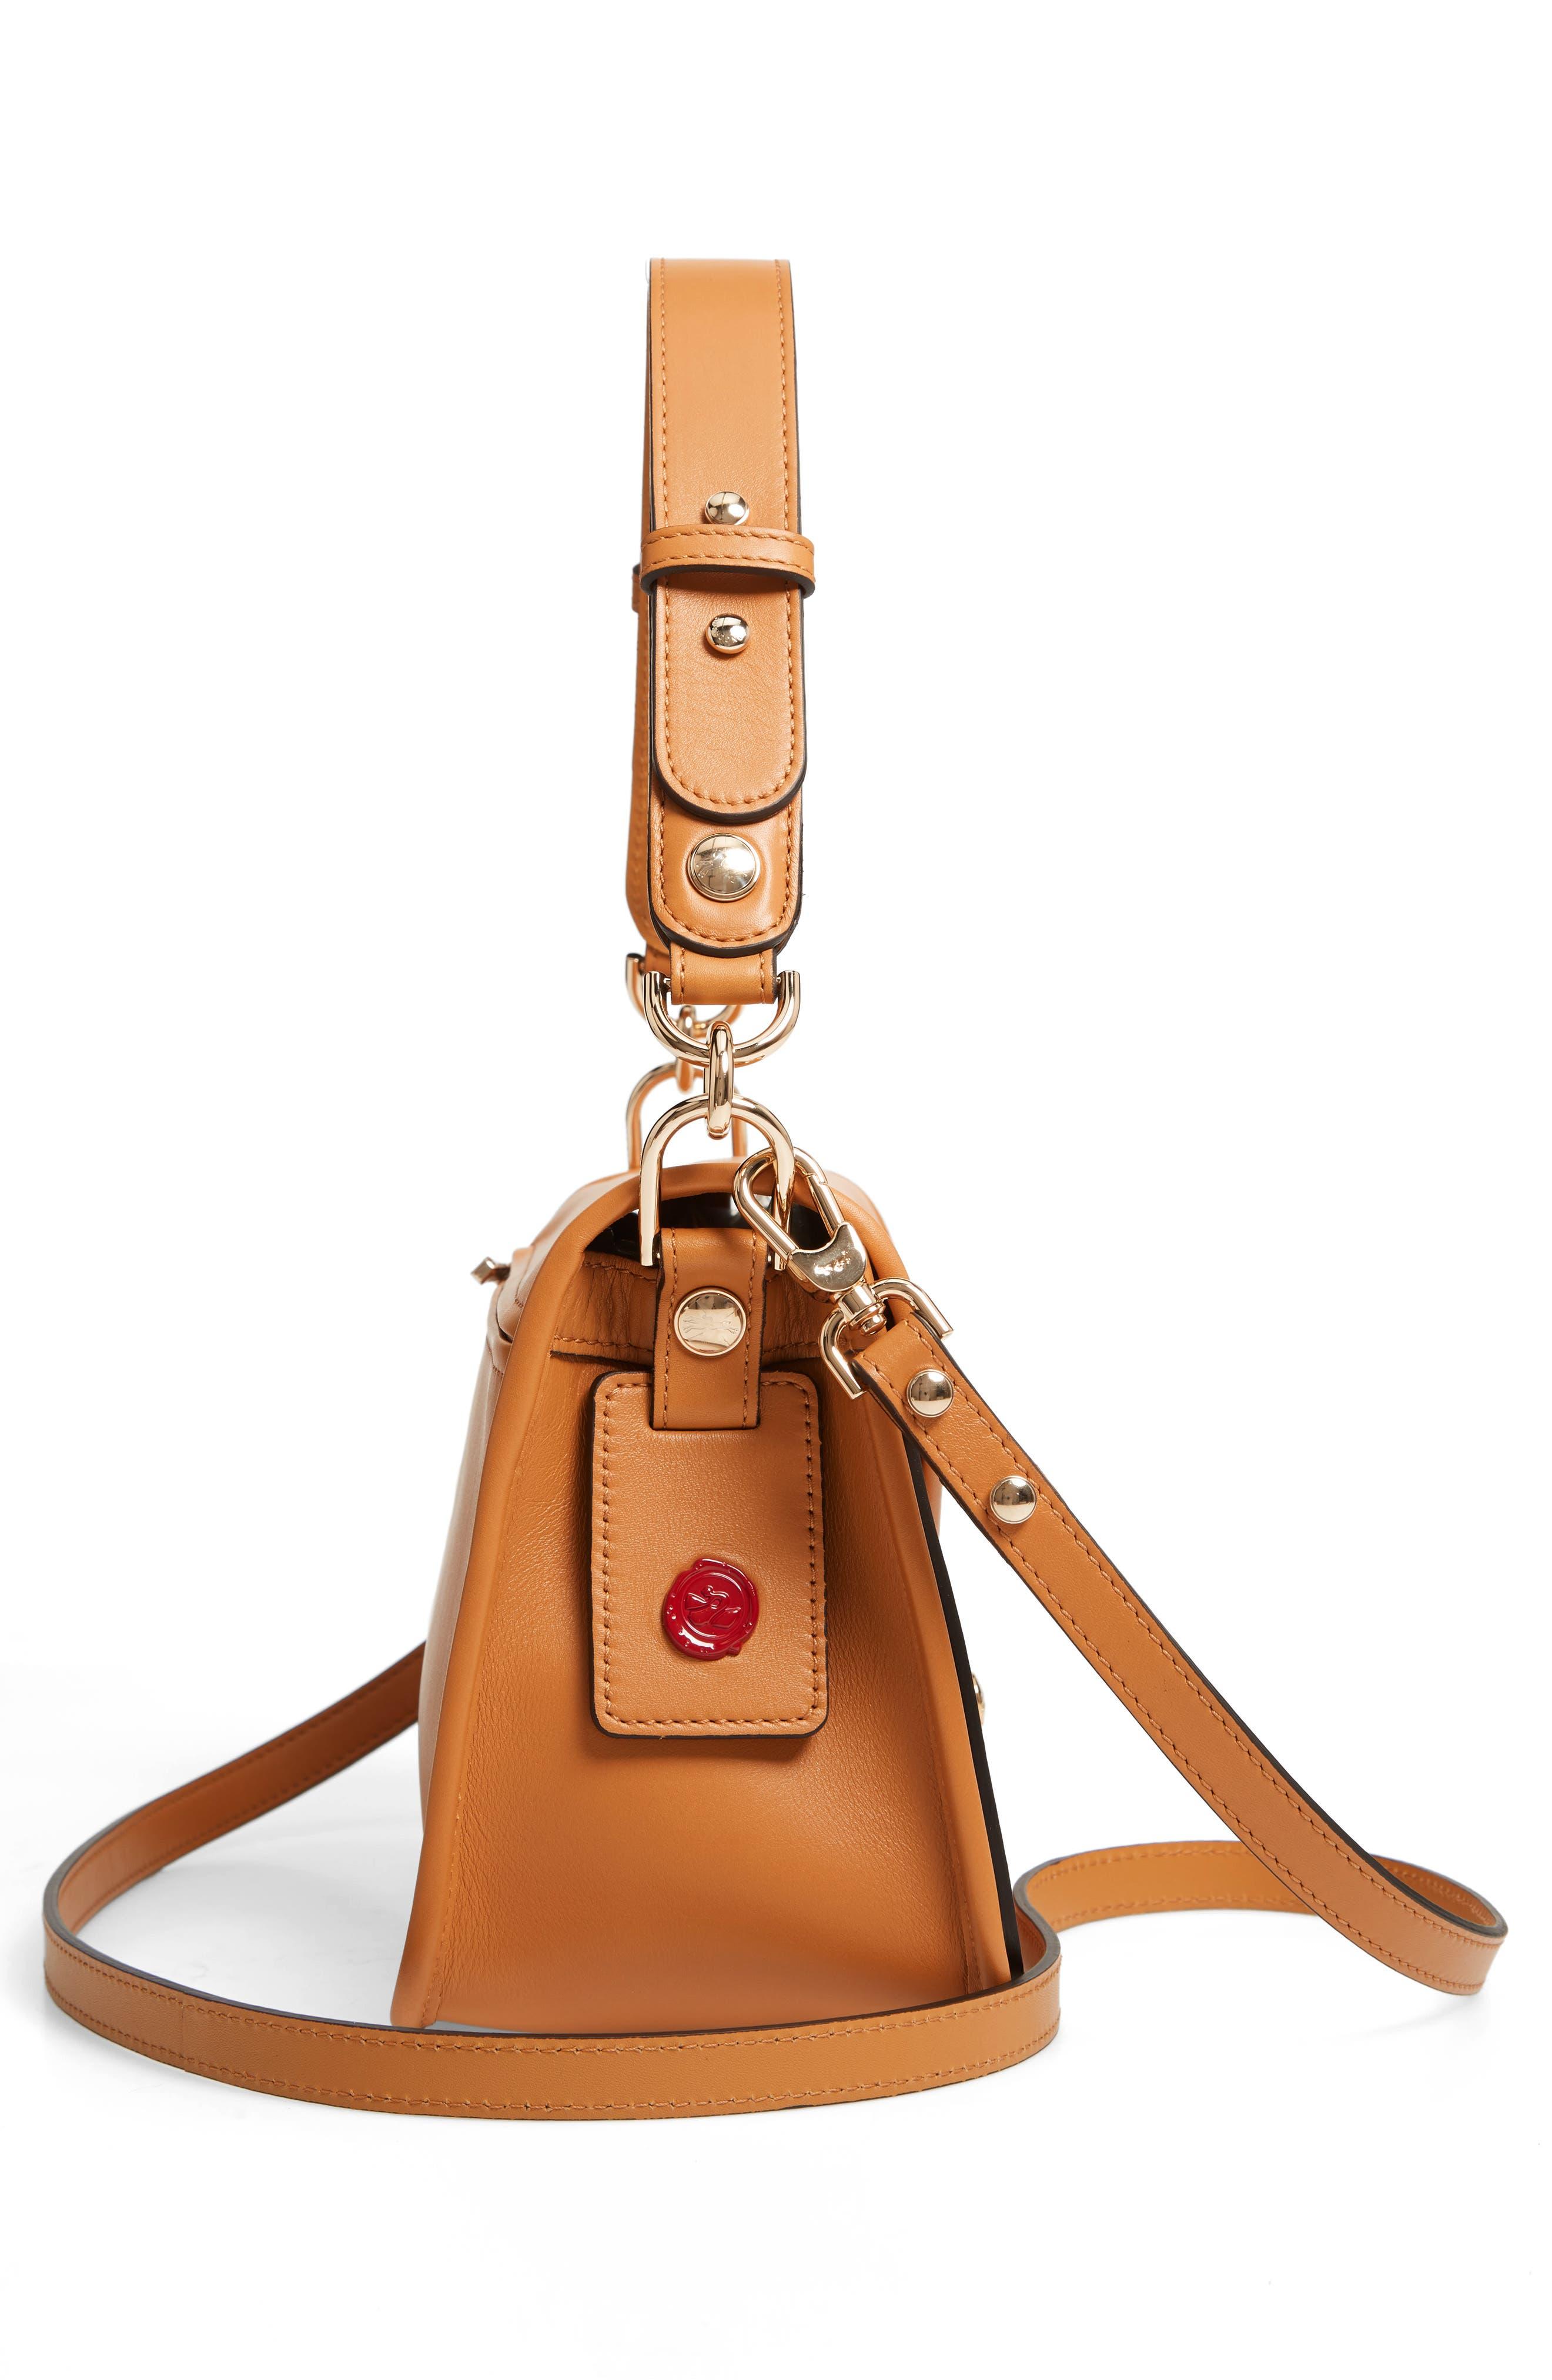 Mademoiselle Calfskin Leather Crossbody Bag,                             Alternate thumbnail 6, color,                             Honey